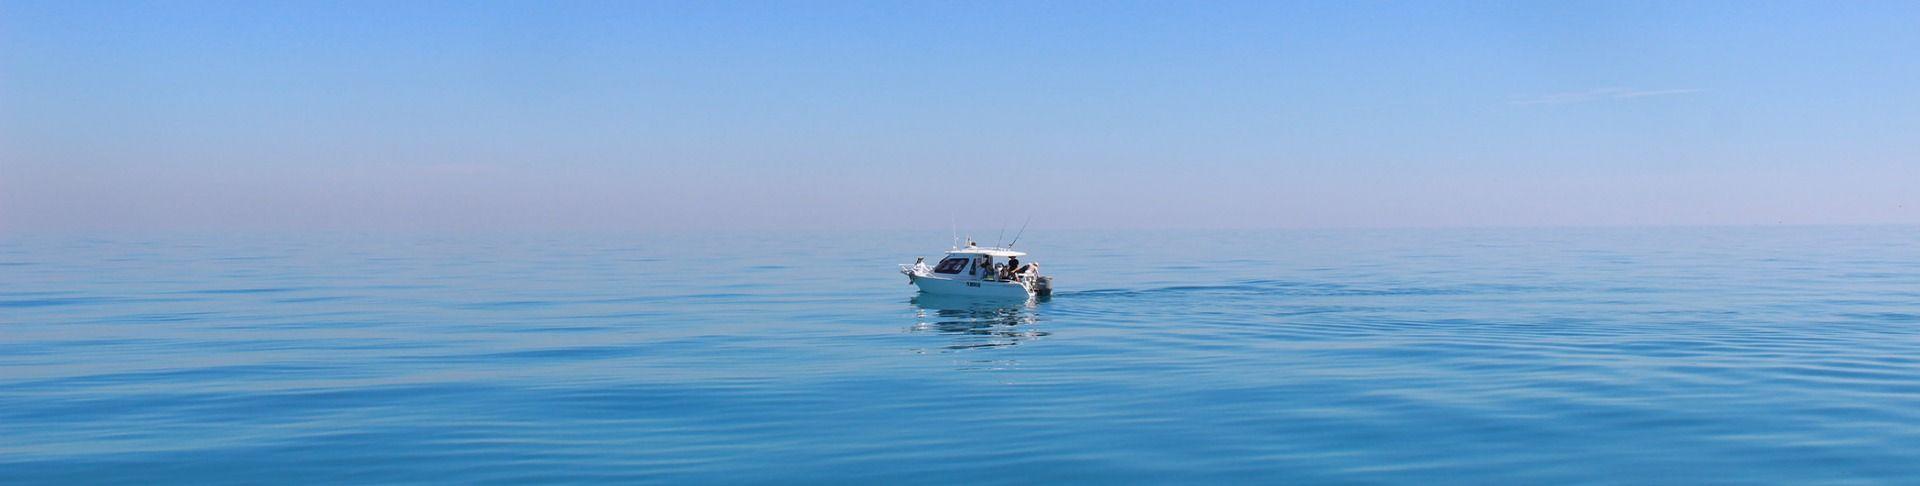 /online-boatdriver-sbf-see-d